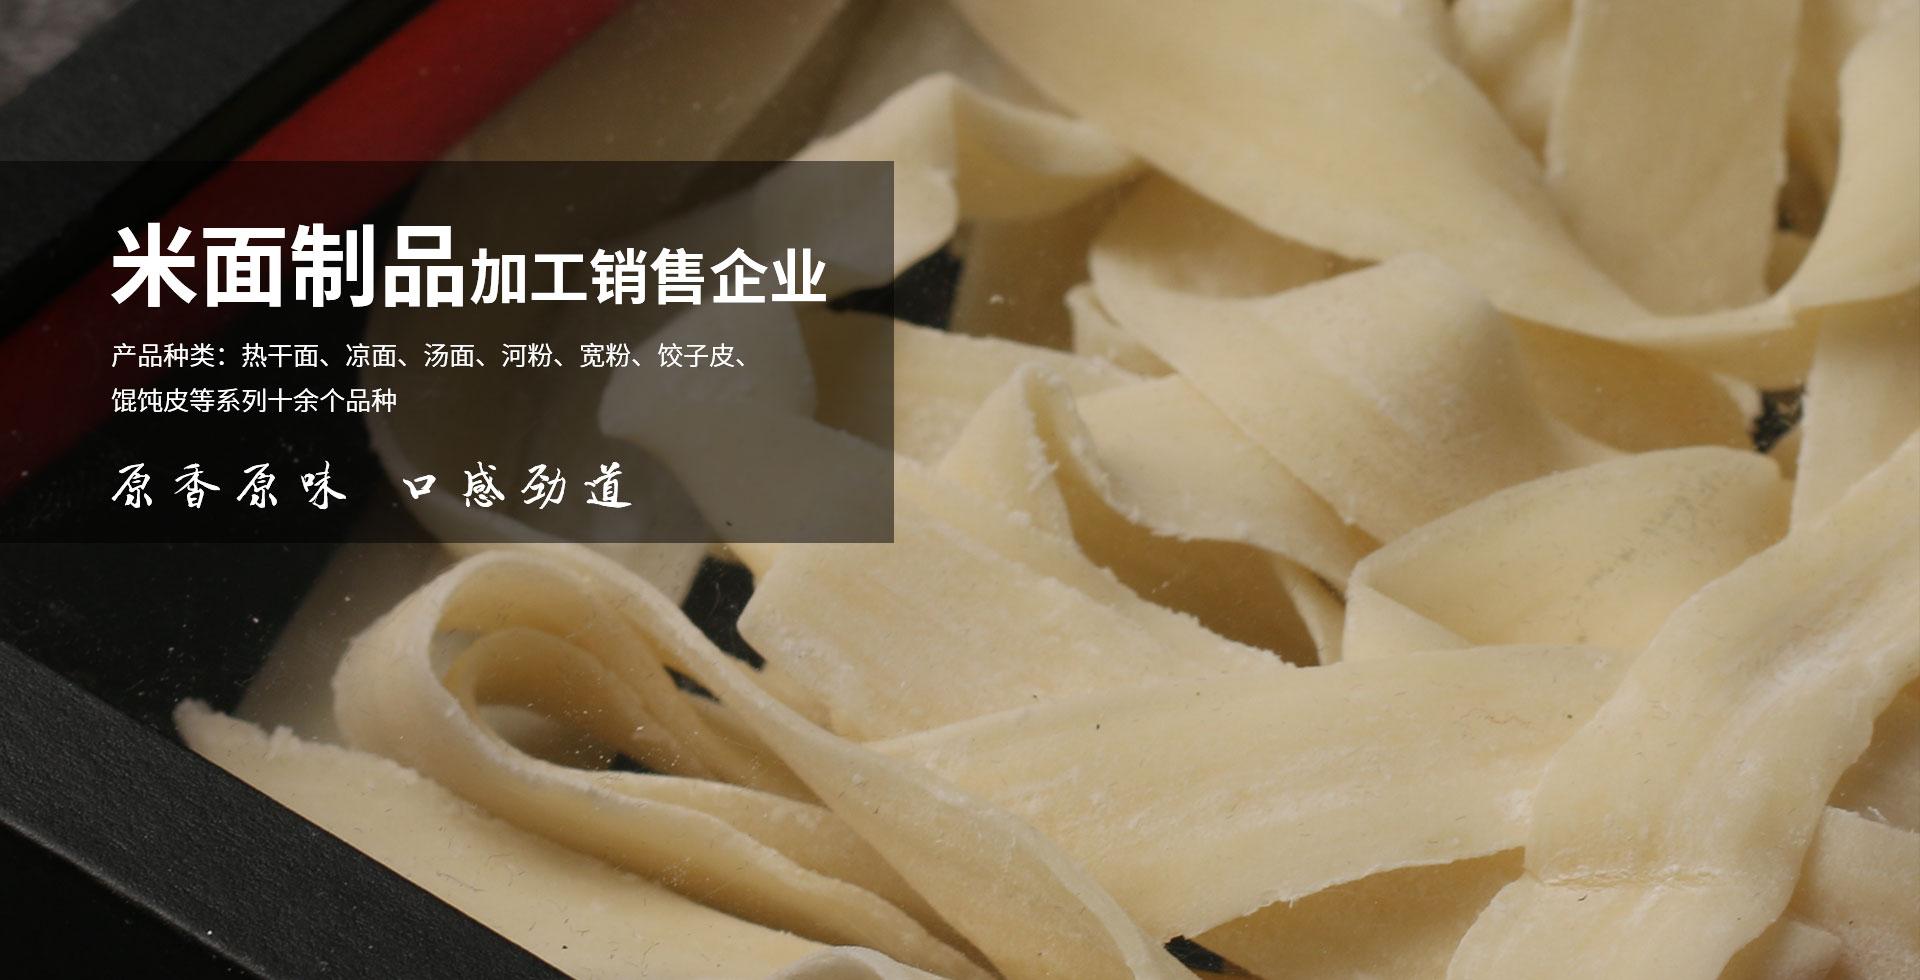 武汉热干面餐饮加盟